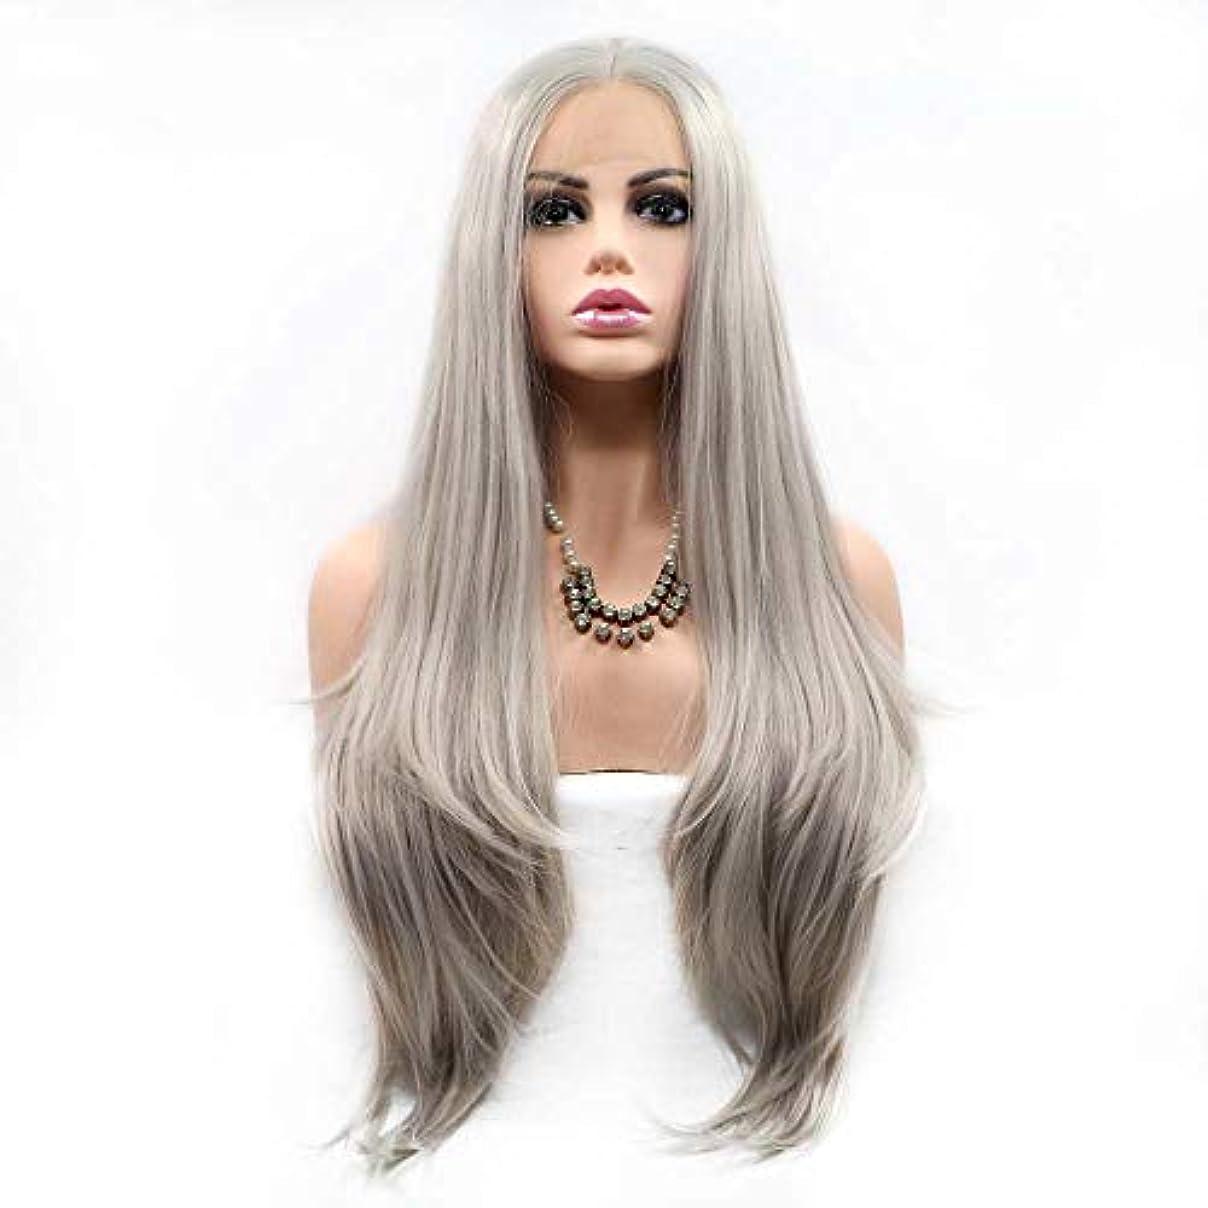 前兆フェリー文明化するZXF 長い髪の高温シルク ローズイントラネットの女性のかつらのフロントレースグレー 美しい